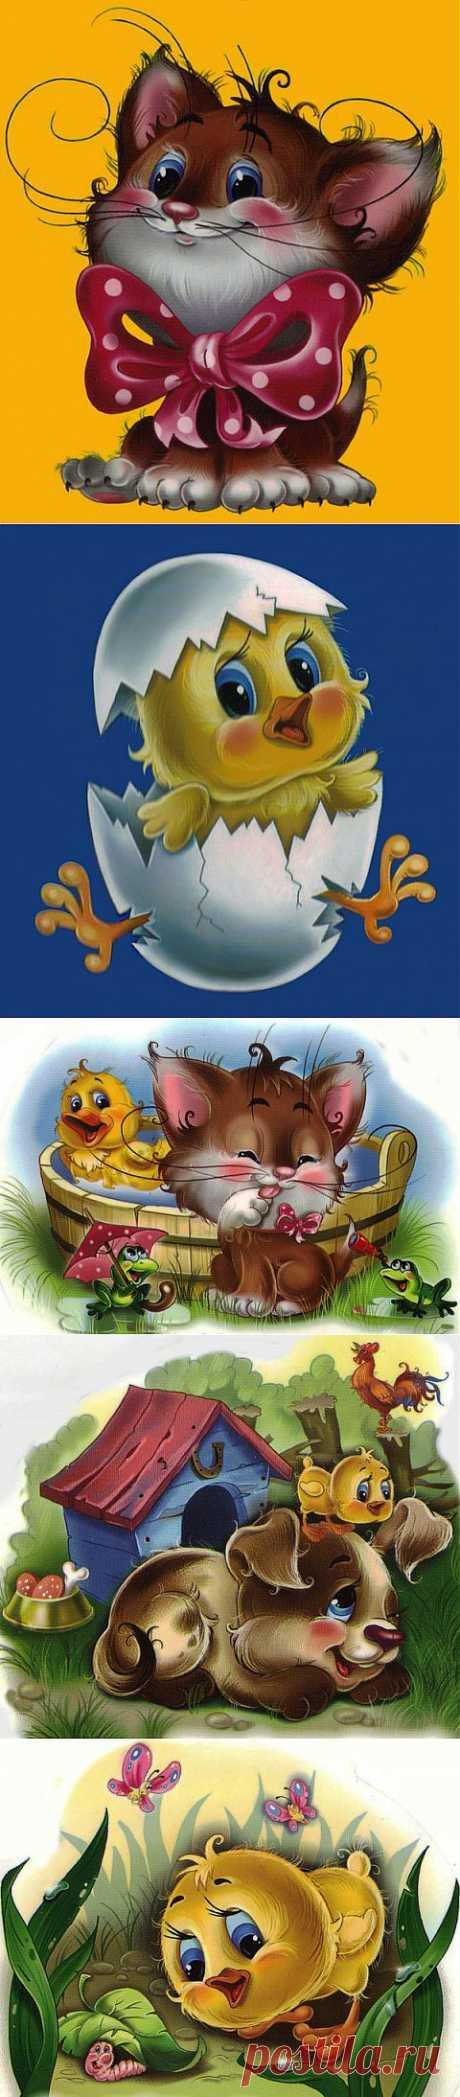 Детские картинки Г.Цукавина | Подружки